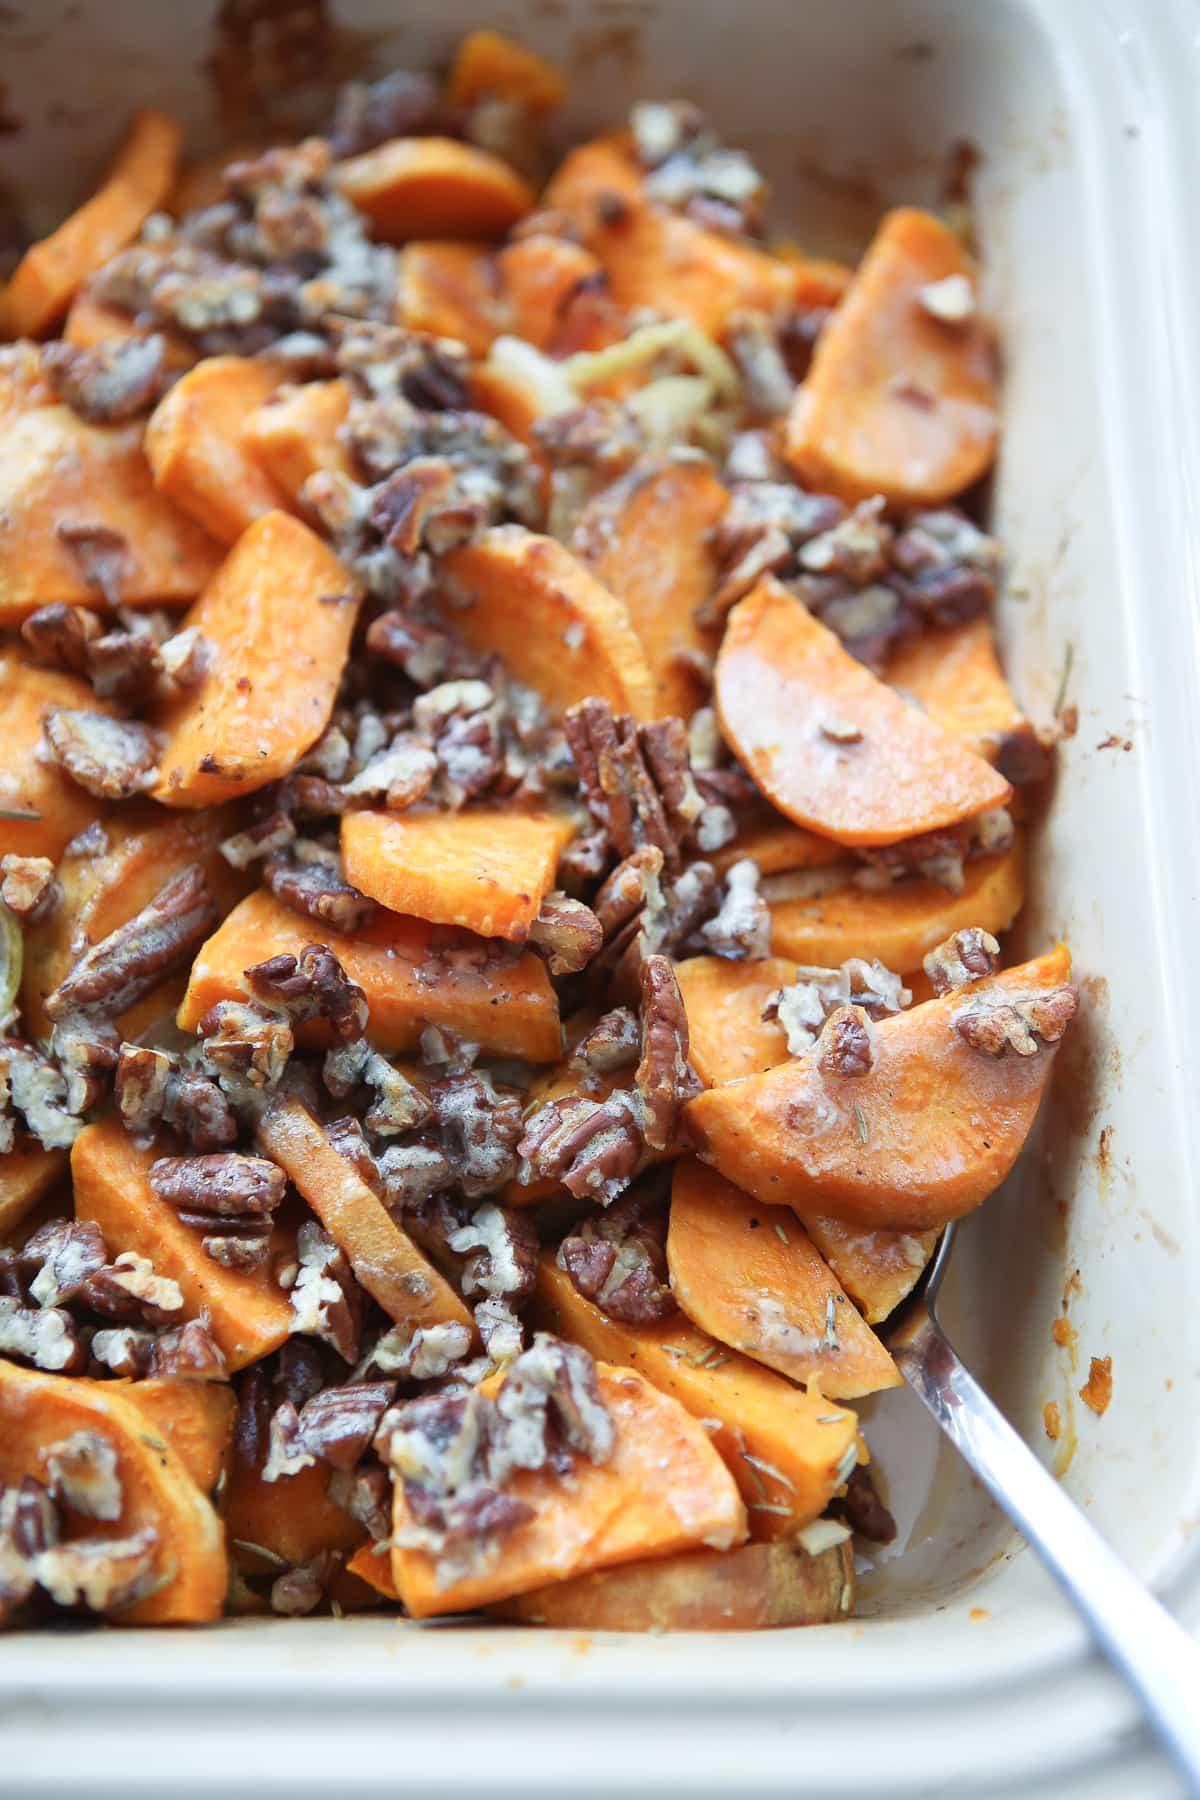 Savory Sweet Potato Recipes  Savory Sweet Potato Gratin with Pecans Aggie s Kitchen